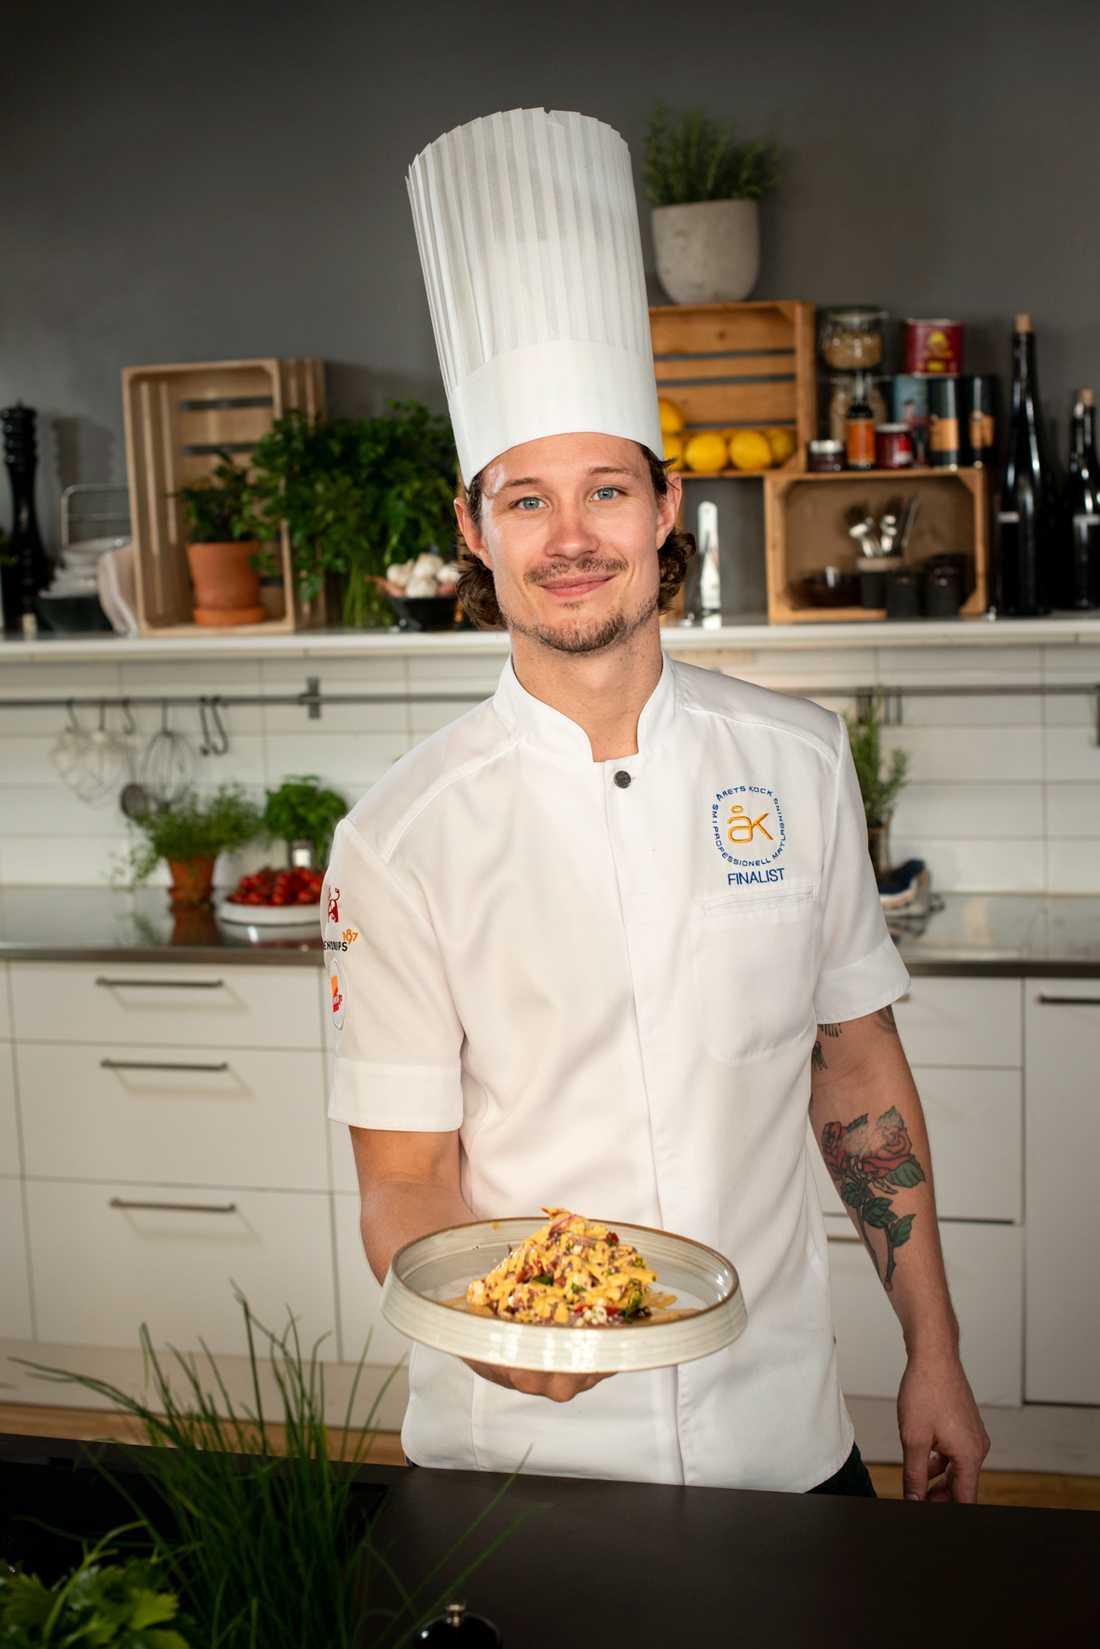 Christian Sibergs tips - så får du kycklingen perfekt grillad